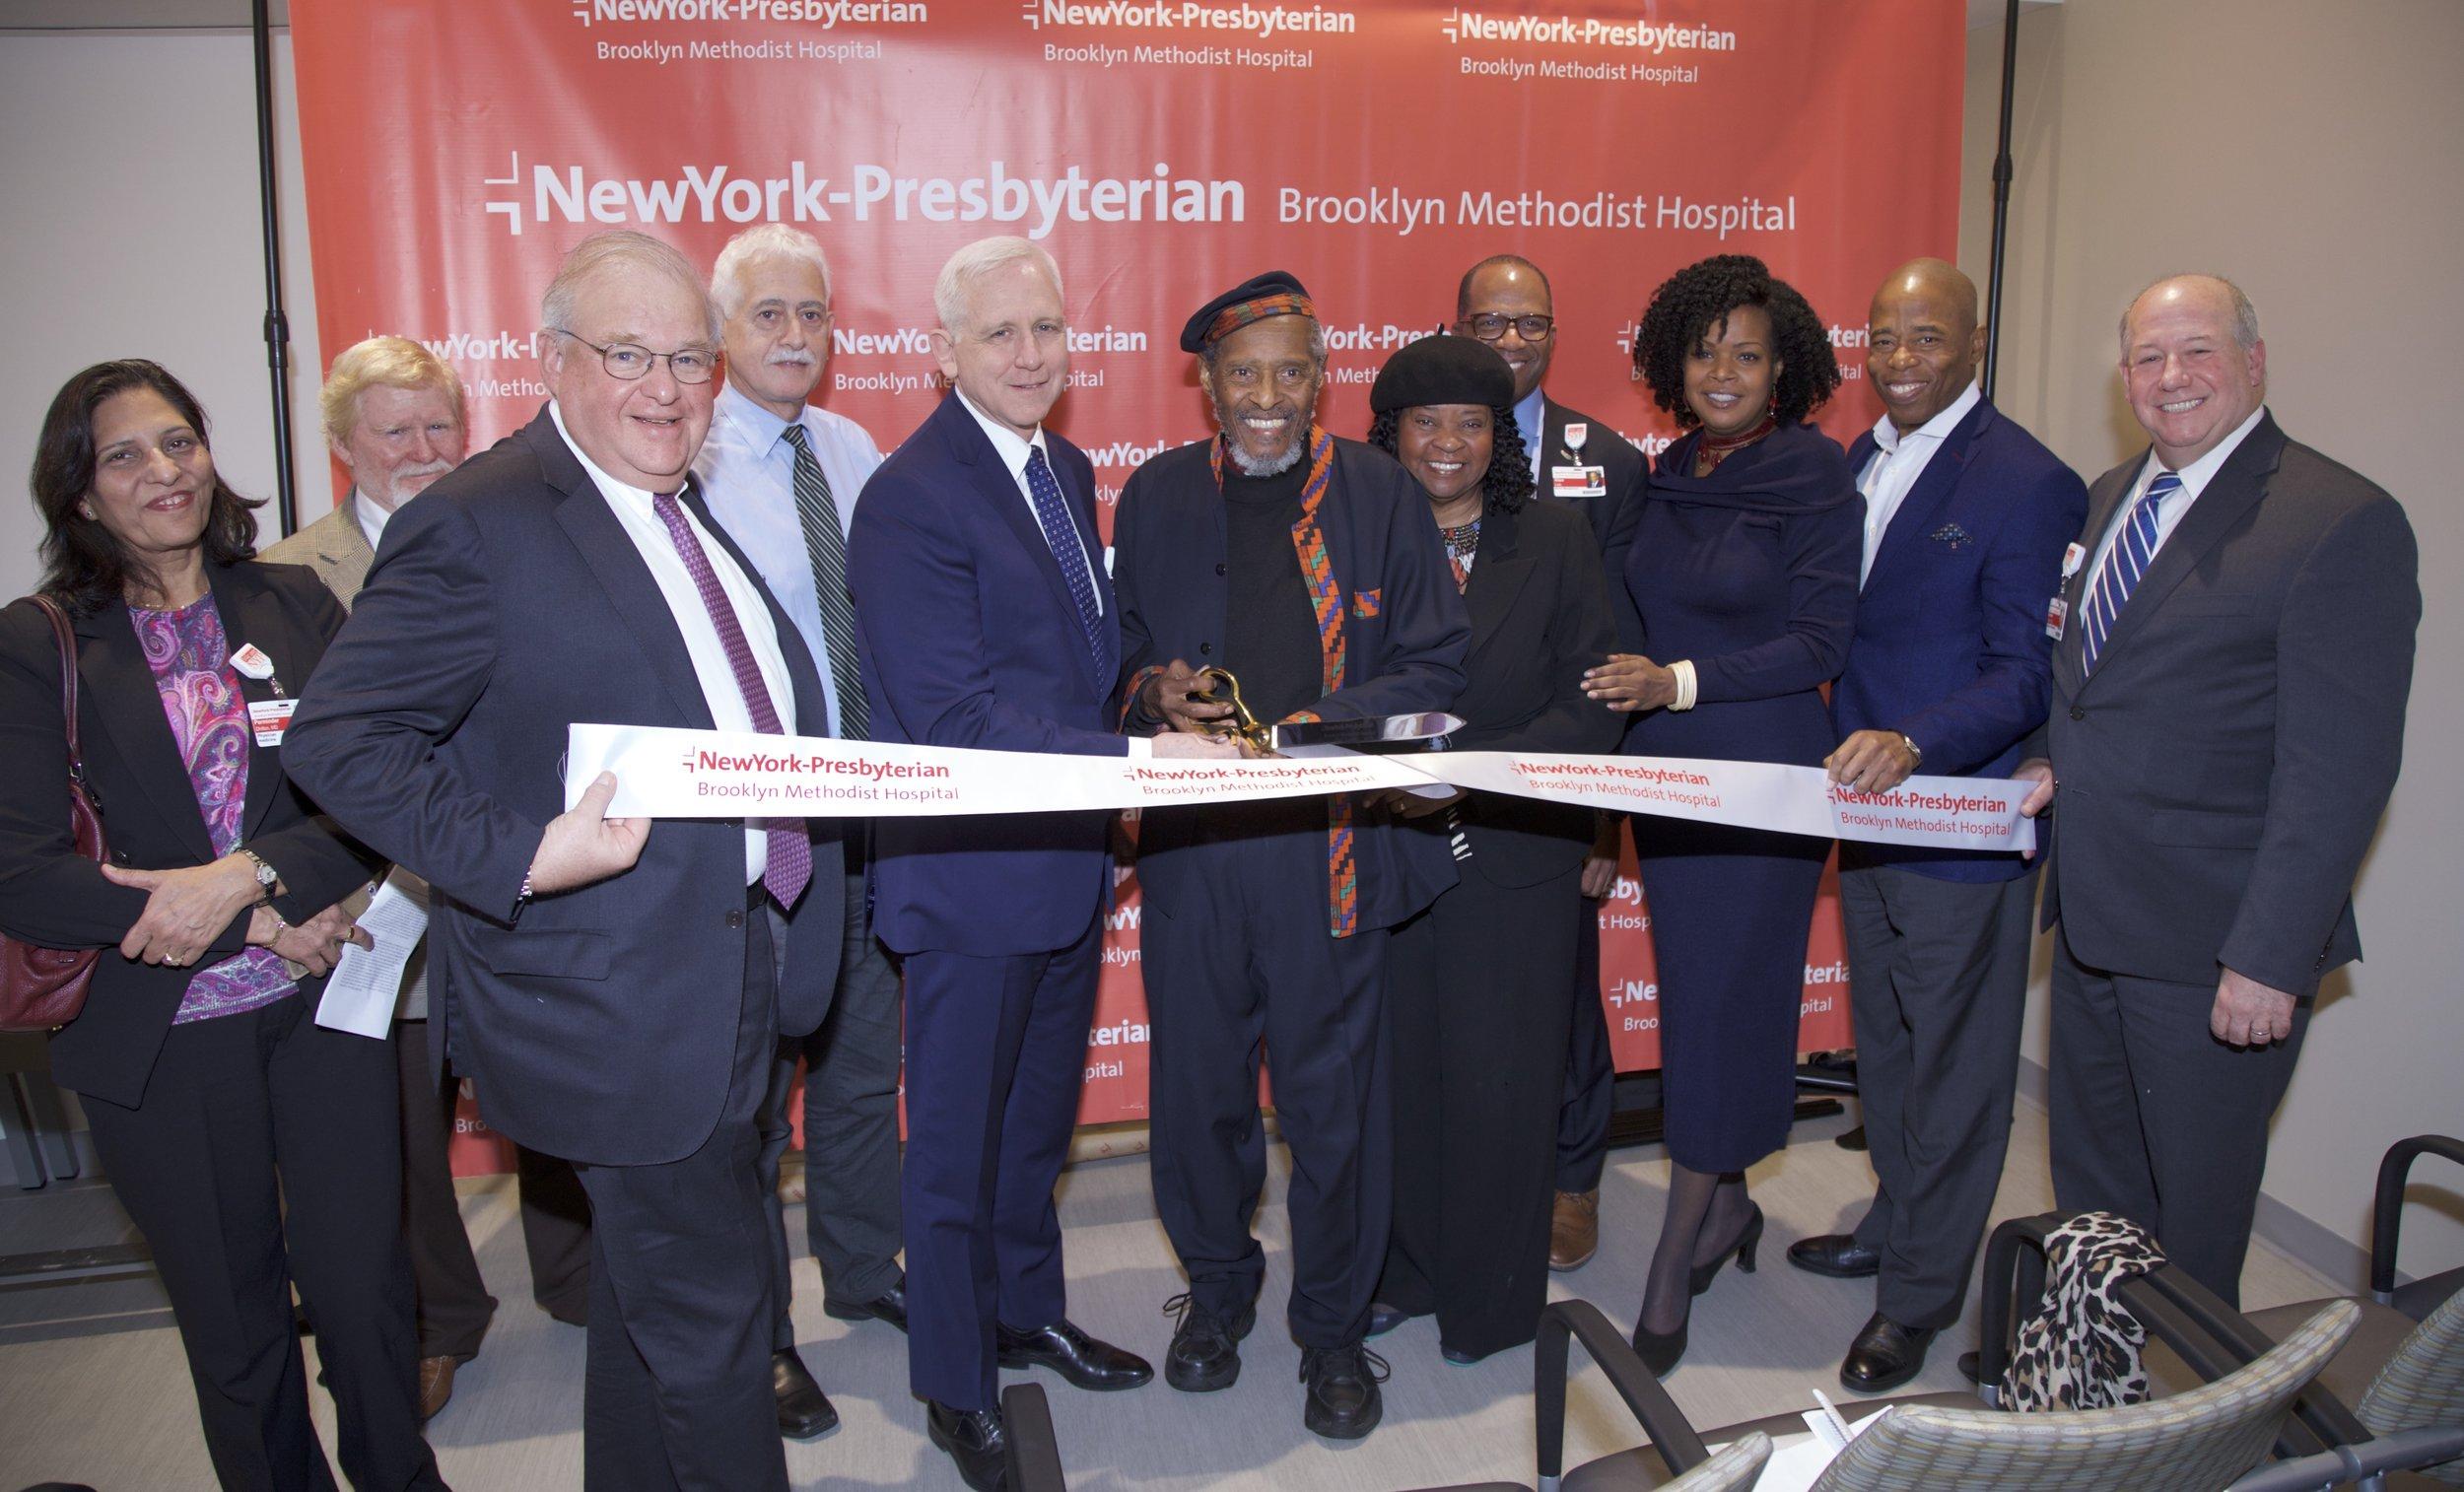 Ribbon Cutting 38 6th Avenue Brooklyn 20181116 IMG_0160.jpg